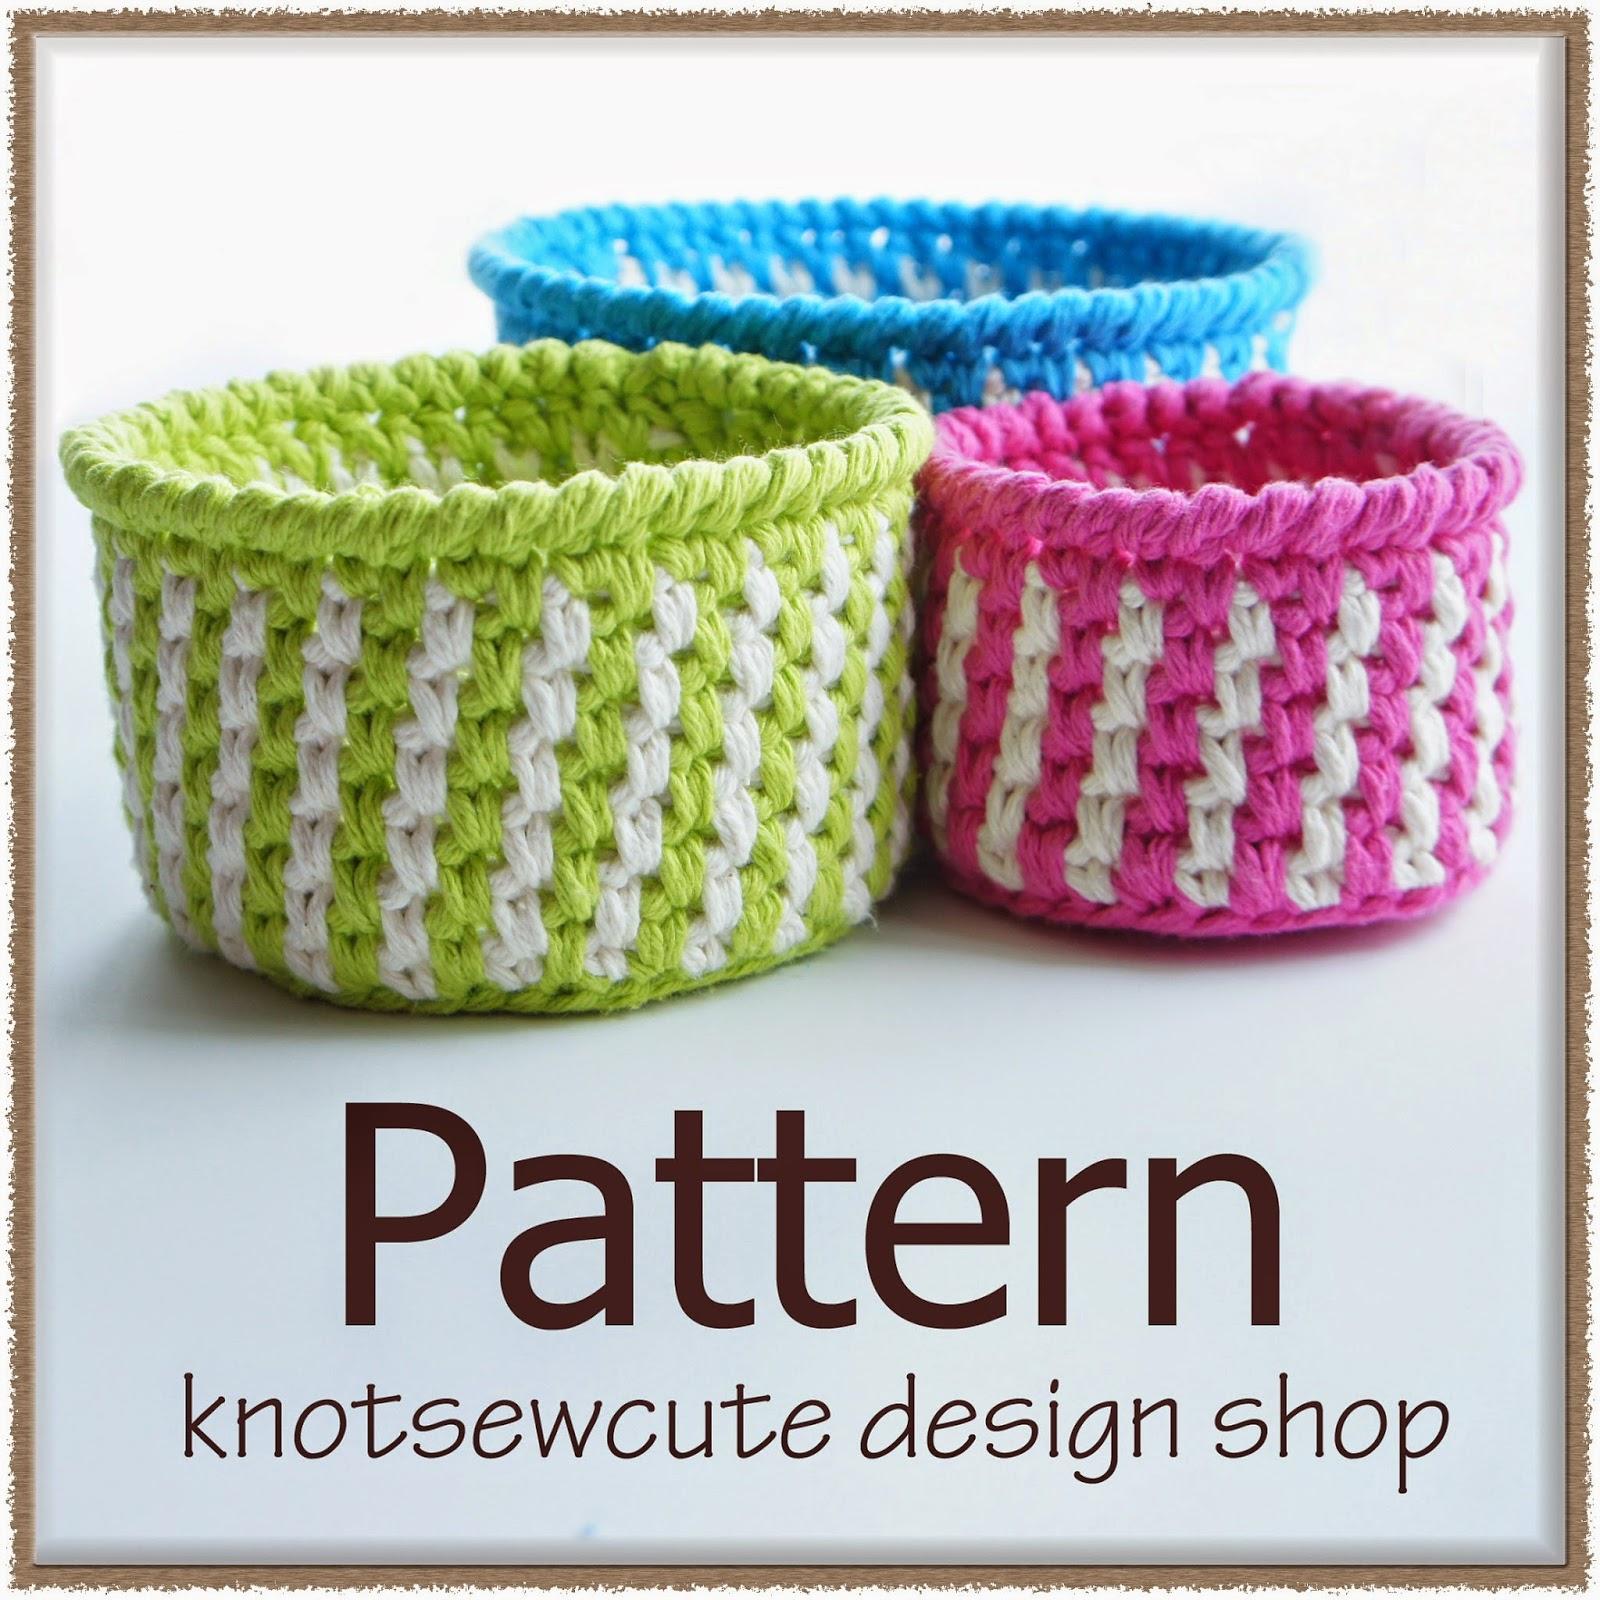 Striped Baskets by Tara Schreyer